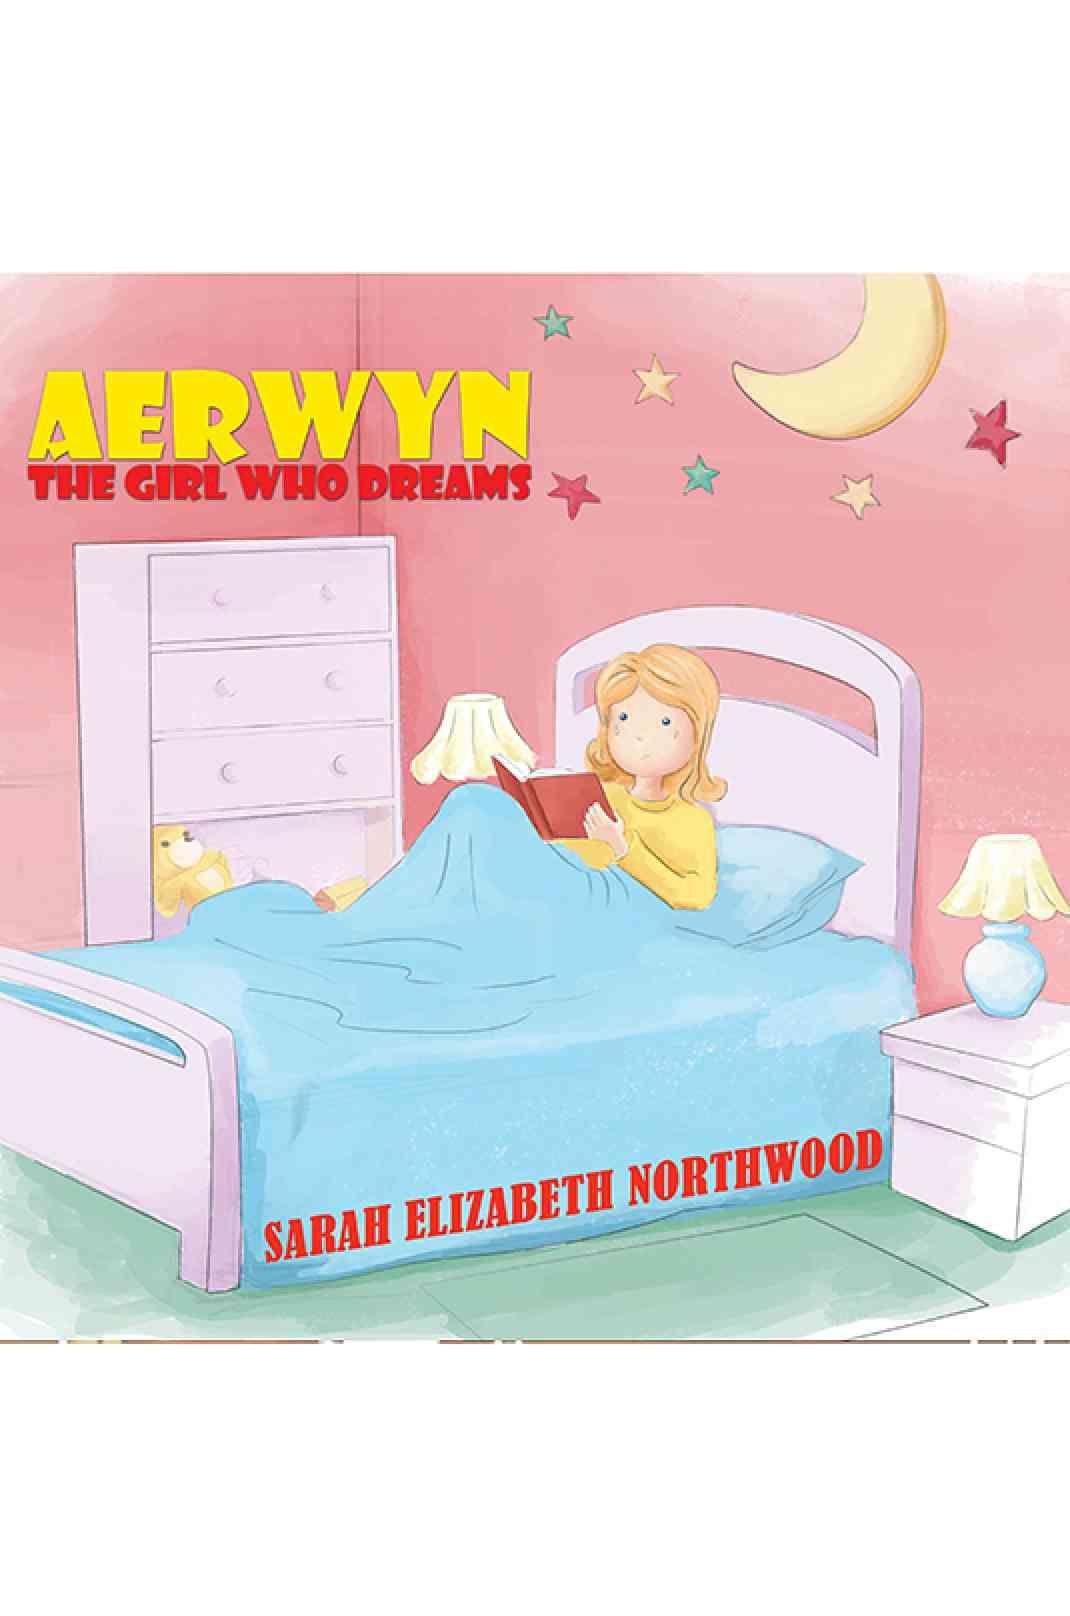 Aerwyn: The girl who dreams